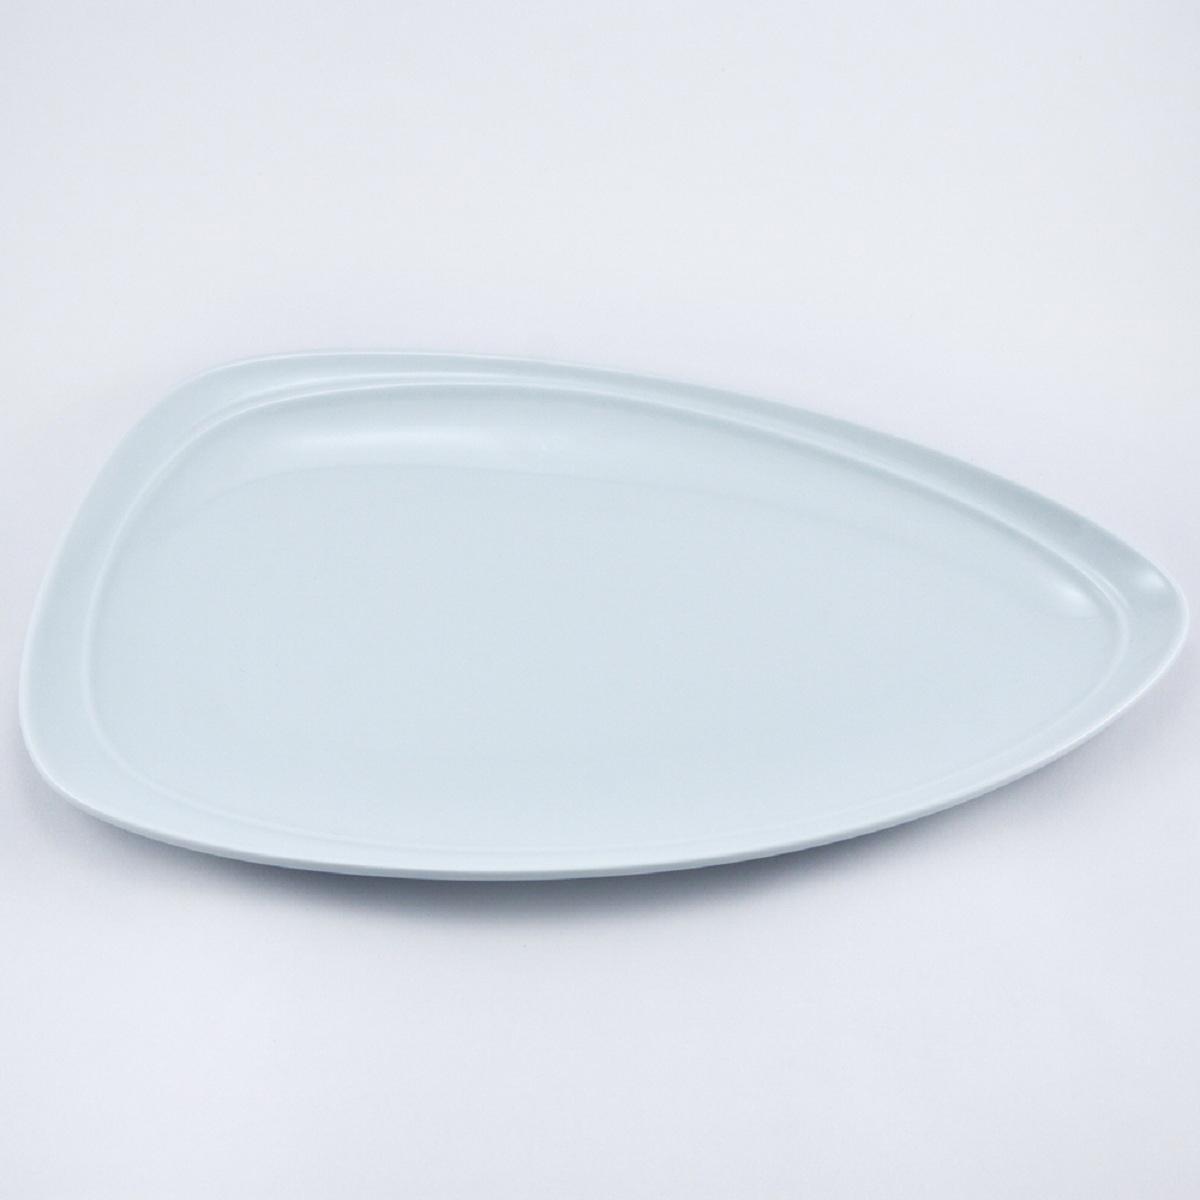 Тарелка Nuova Cer Муд Белое, 35 х 30 смРП-5605WROYAL новый уникальный продукт на рынке фарфора производится из материала, в состав которого входит алюминиум (глинозем) в виде порошка, что придаёт фарфору уникальные свойства: белоснежный цвет, как на поверхности, так и на изломе, более тонкие и изящные формы, так как добавление металла делает фарфоровую массу более пластичной, устойчивость к сколам и царапинам. Возможный перепад температур при эксплуатации до 200 градусов! Фарфор покрывается глазурью, что характеризует эту посуду как продукт высшего класса. Идеально подходит для использования в микроволновой печи и посудомоечной машине